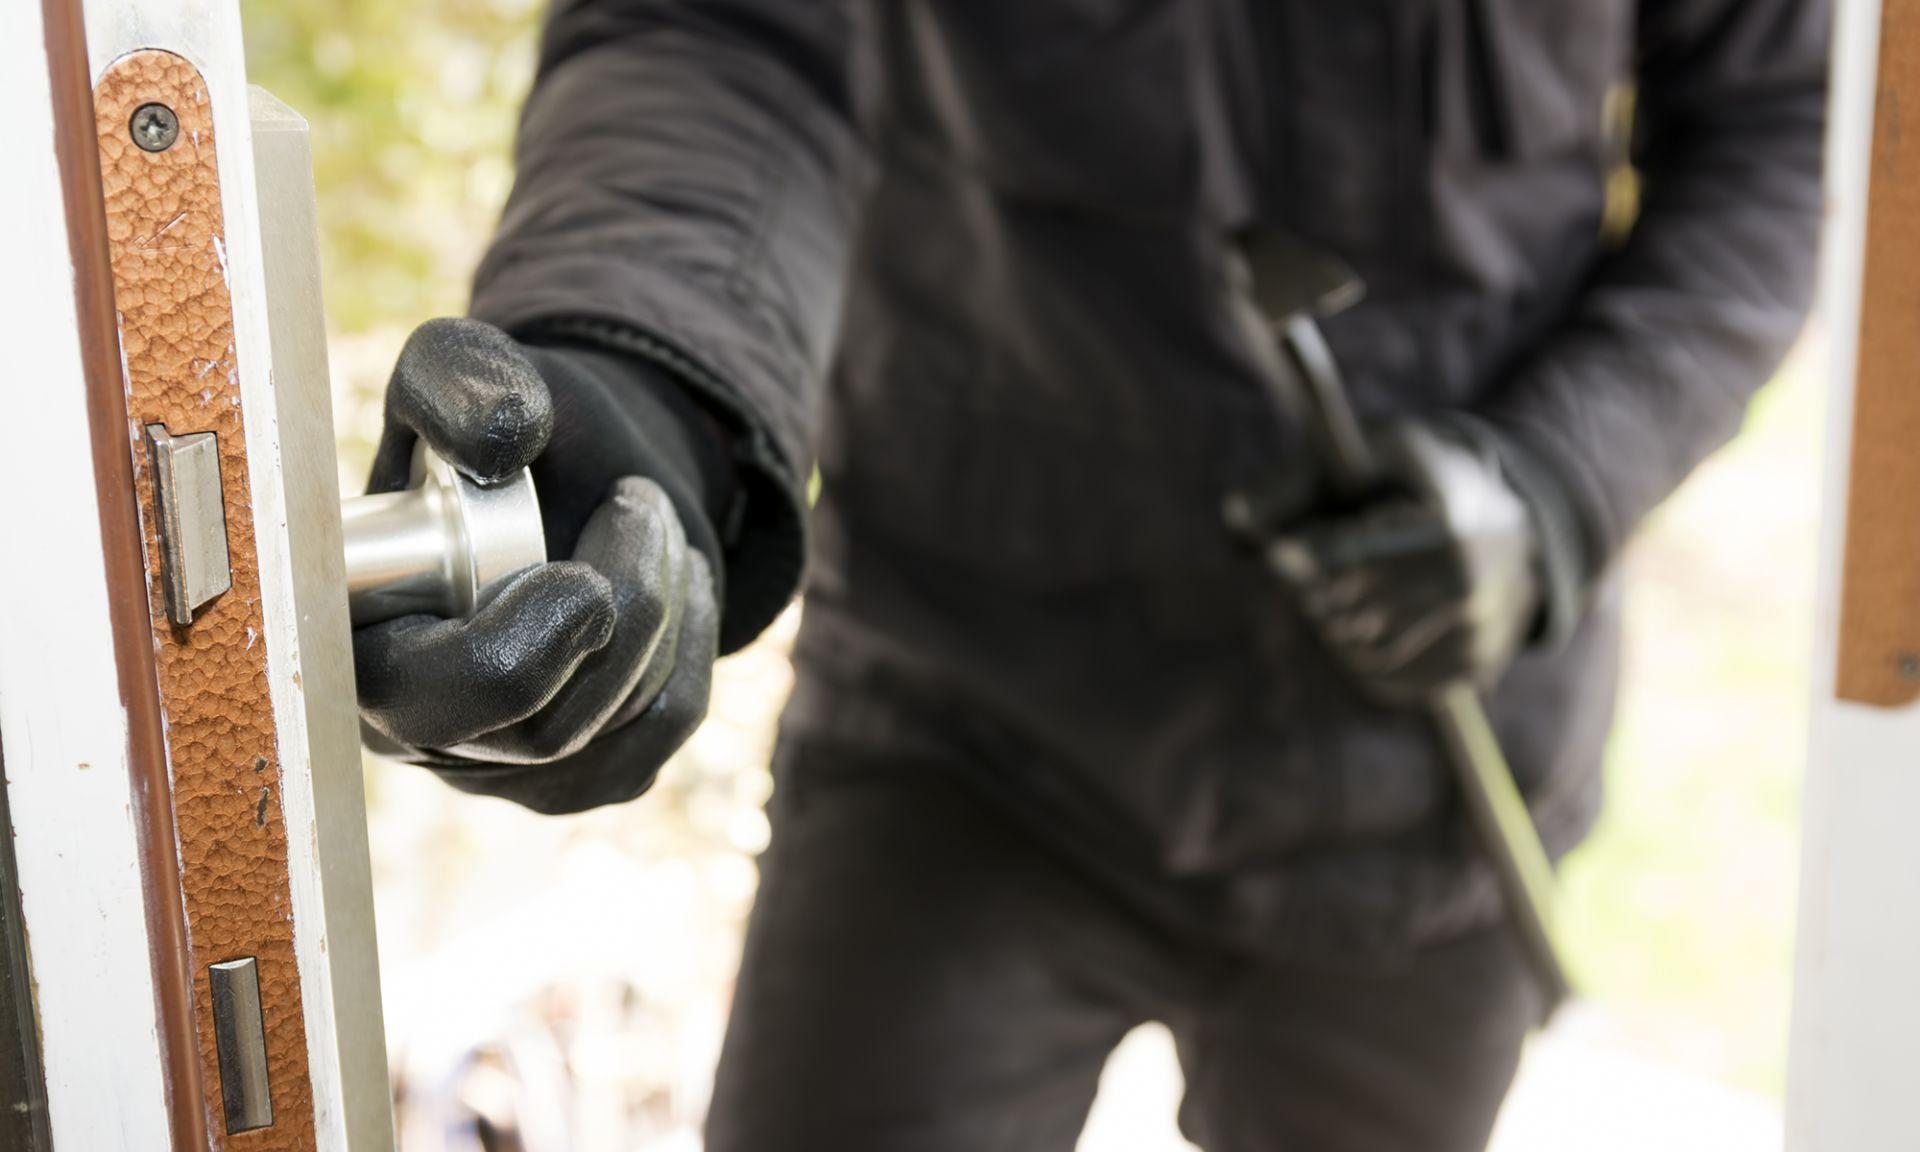 10 Anti-Burglary Tips